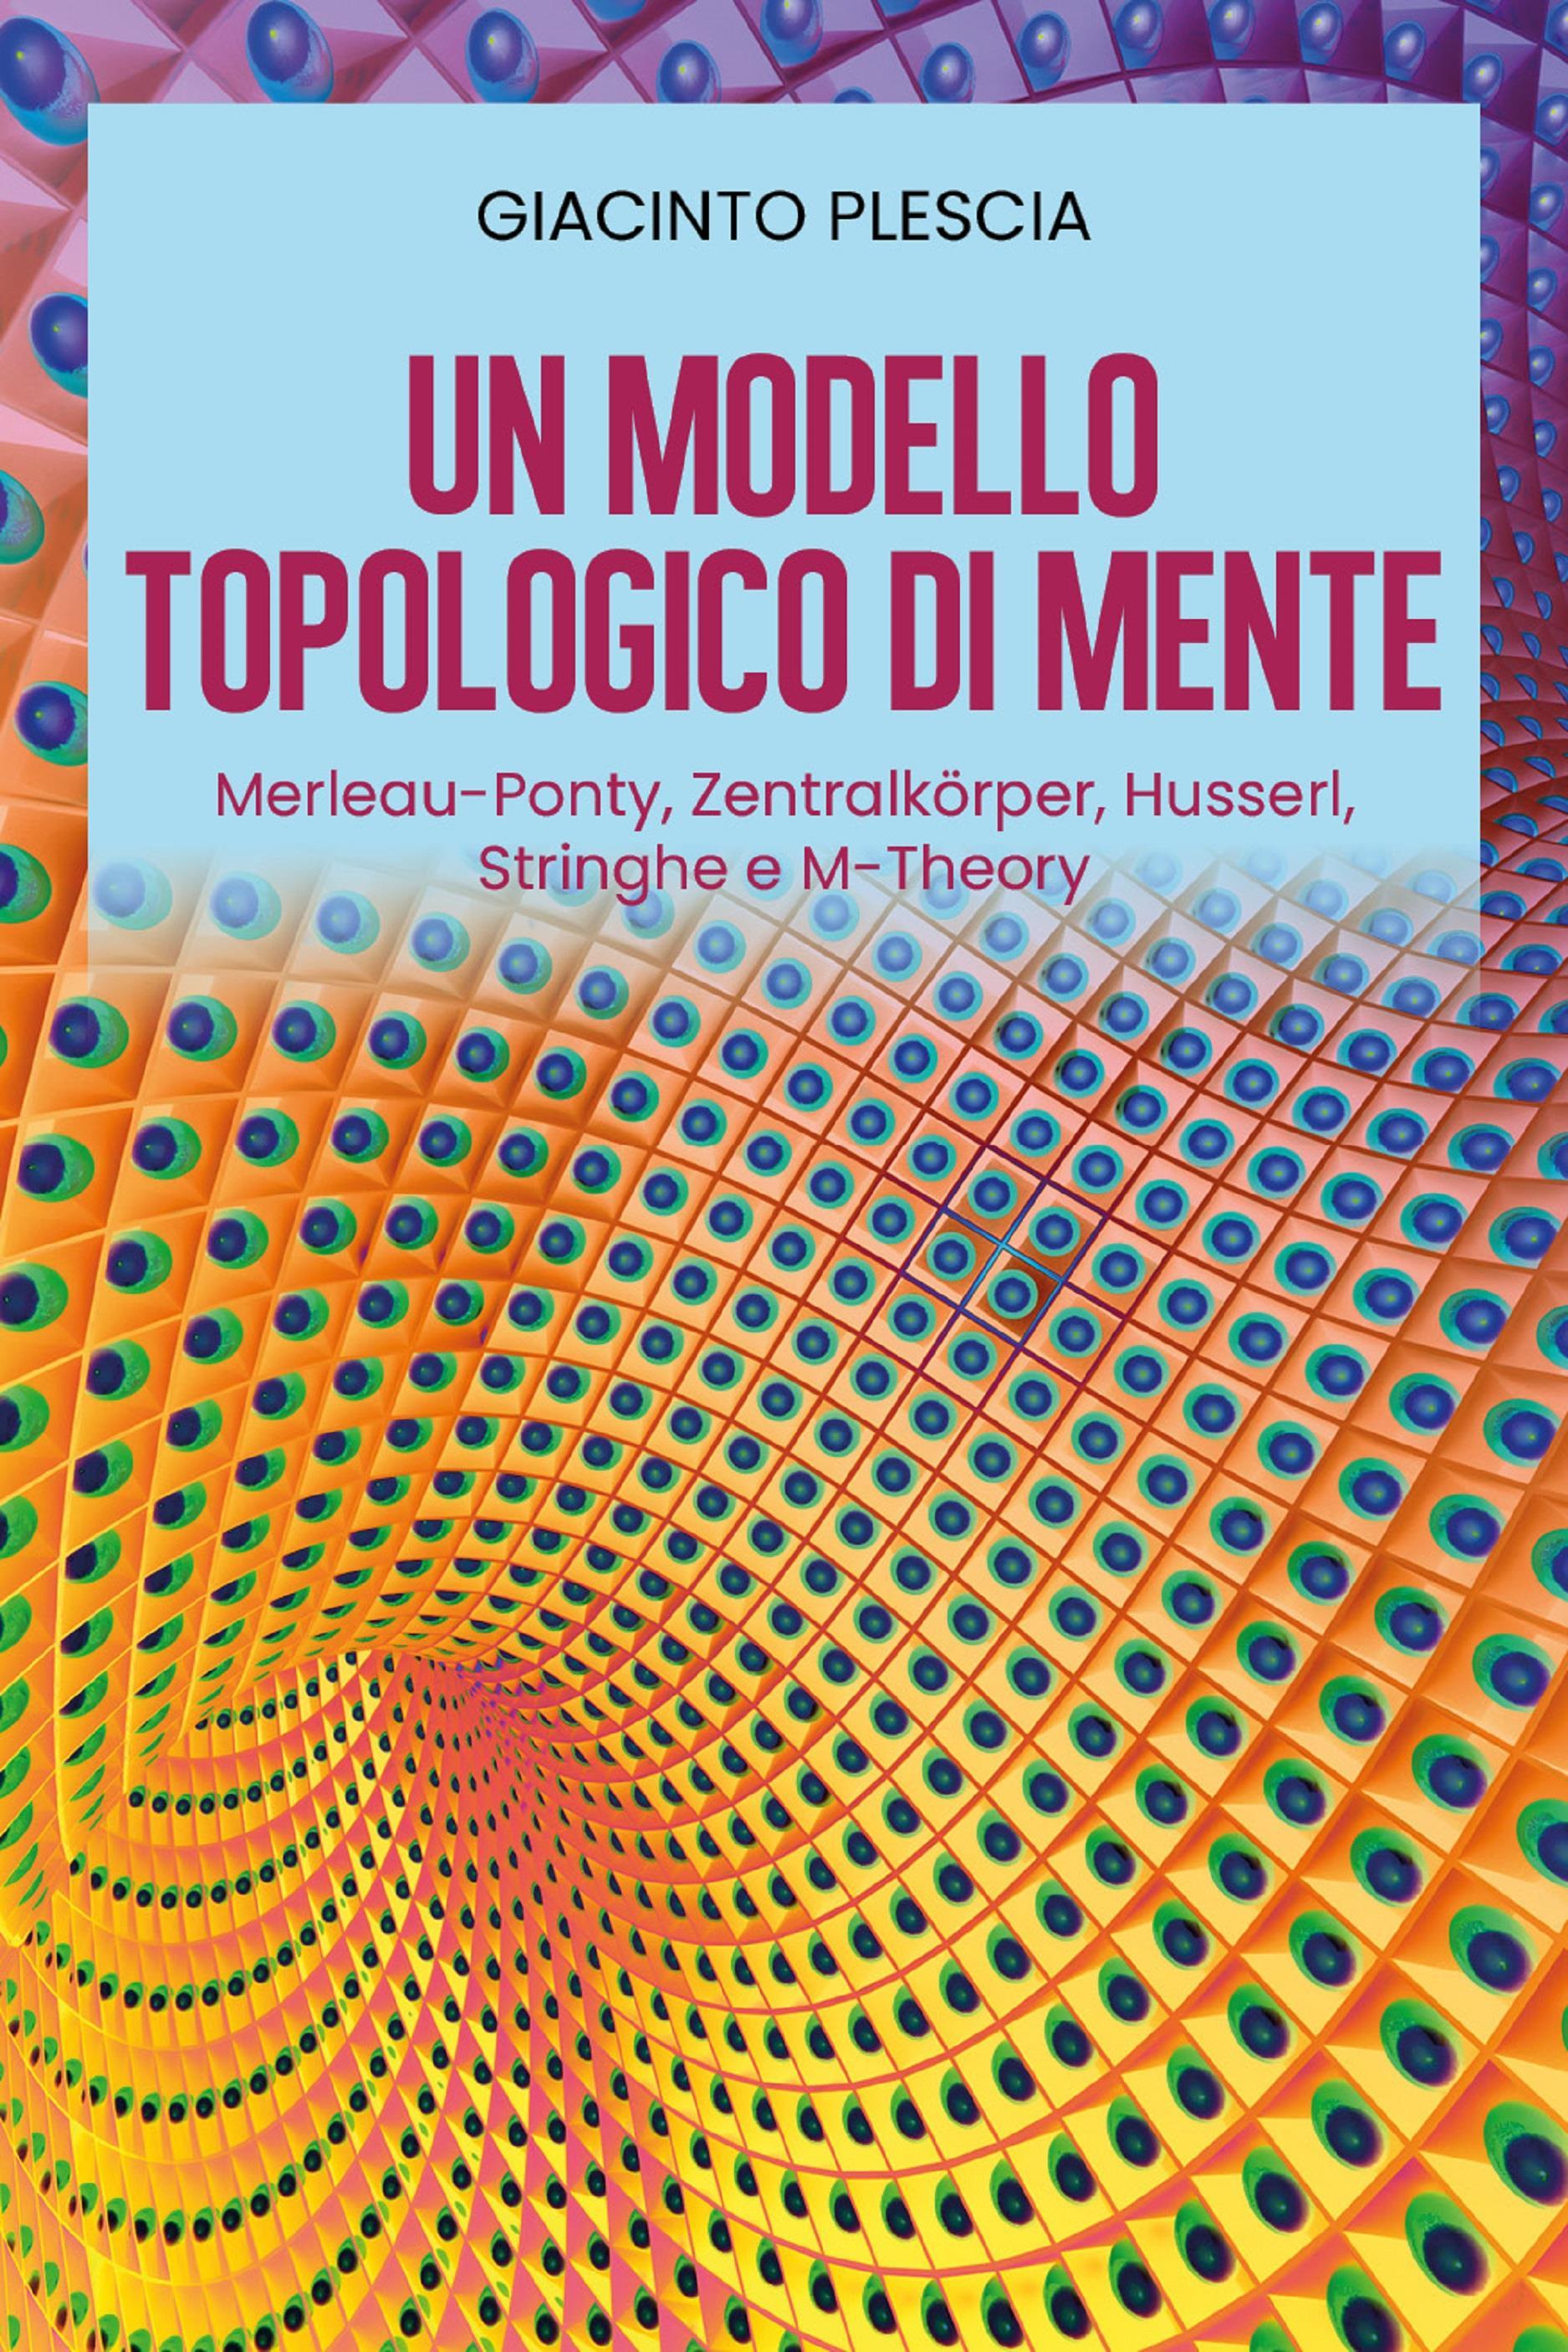 Un Modello Topologico di Mente: Merleau-Ponty, Zentralkörper, Husserl, Stringhe e M-Theory